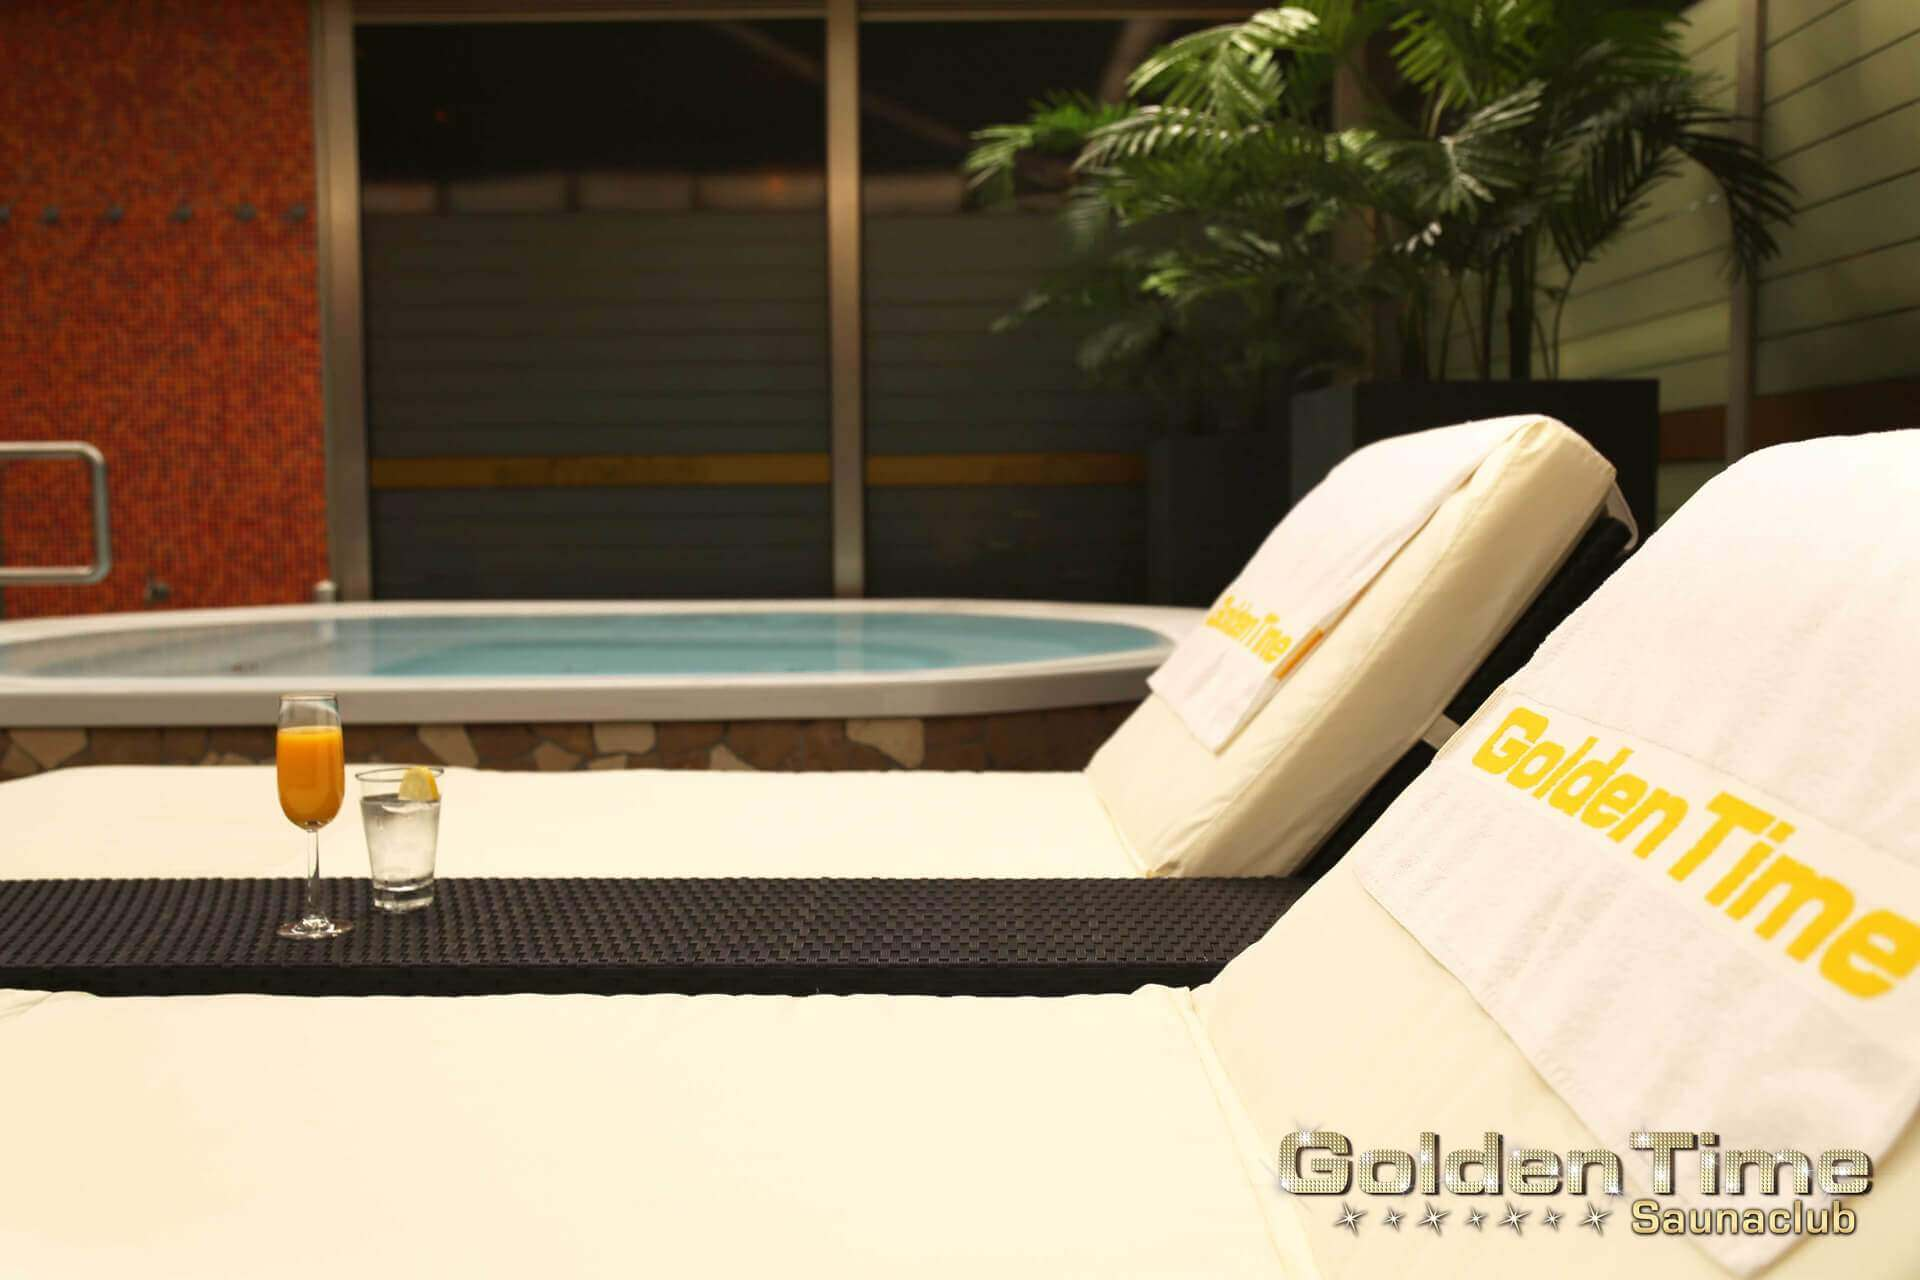 01-terrasse-wellnessbereich-pic-07-goldentime.jpg